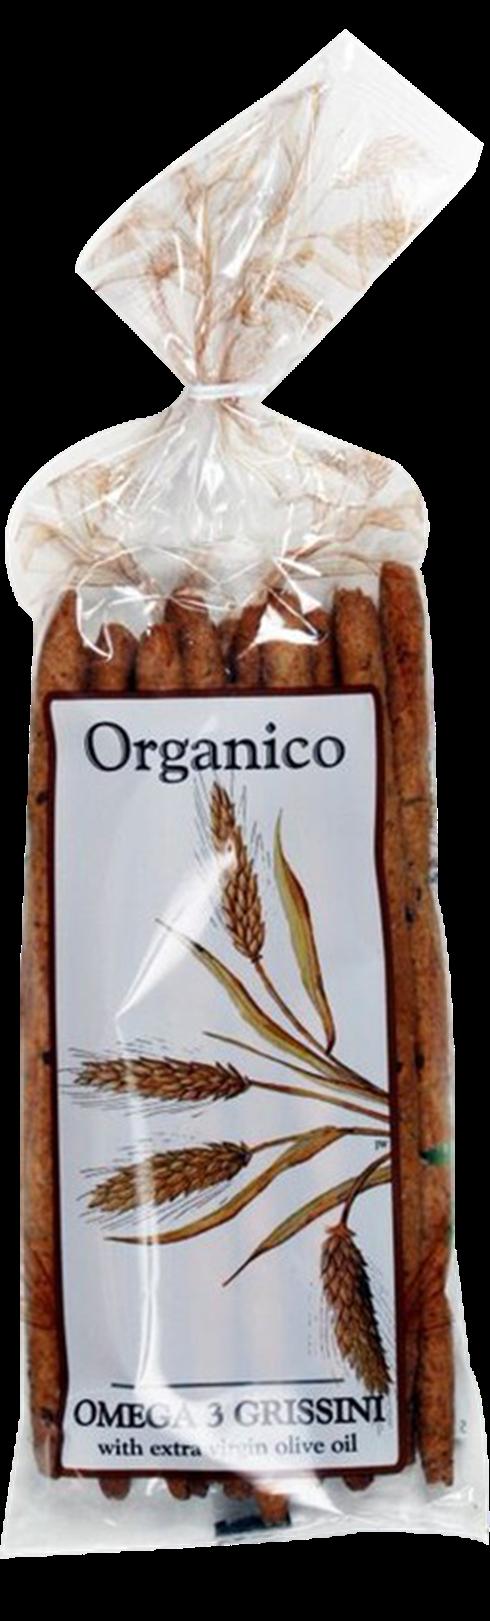 Organic Omega 3 Grissini